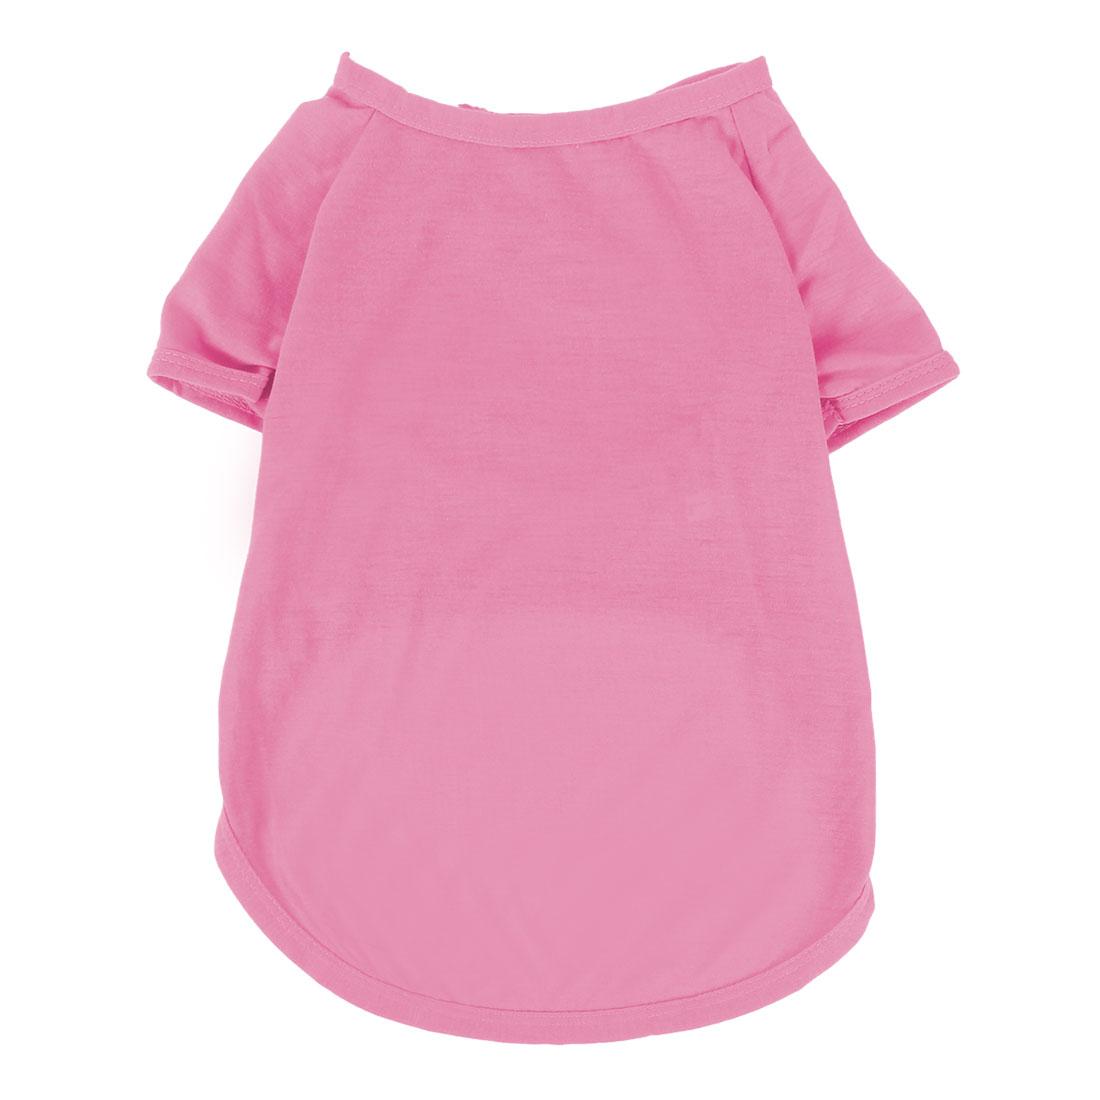 Pet Dog Cotton Blend Leisure Short Sleeve T-Shirt Vest Clothes Pink Size XL